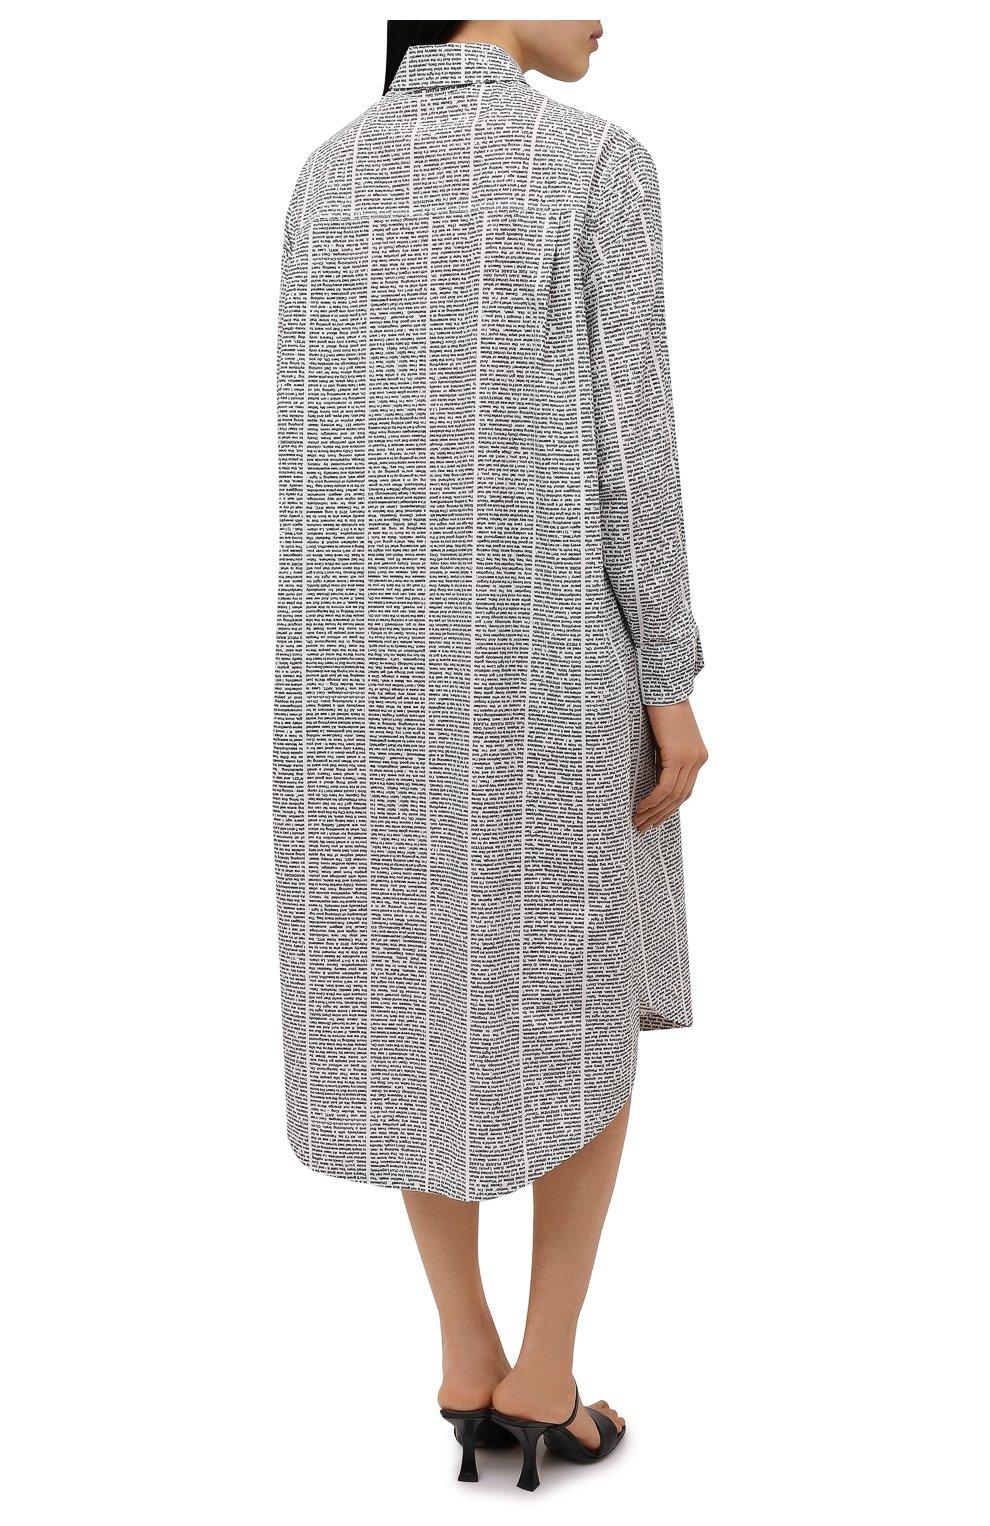 Женское хлопковое платье 5PREVIEW черно-белого цвета, арт. 5PW21007 | Фото 4 (Женское Кросс-КТ: платье-рубашка, Платье-одежда; Рукава: Длинные; Случай: Повседневный; Материал внешний: Хлопок; Длина Ж (юбки, платья, шорты): Миди; Стили: Кэжуэл)